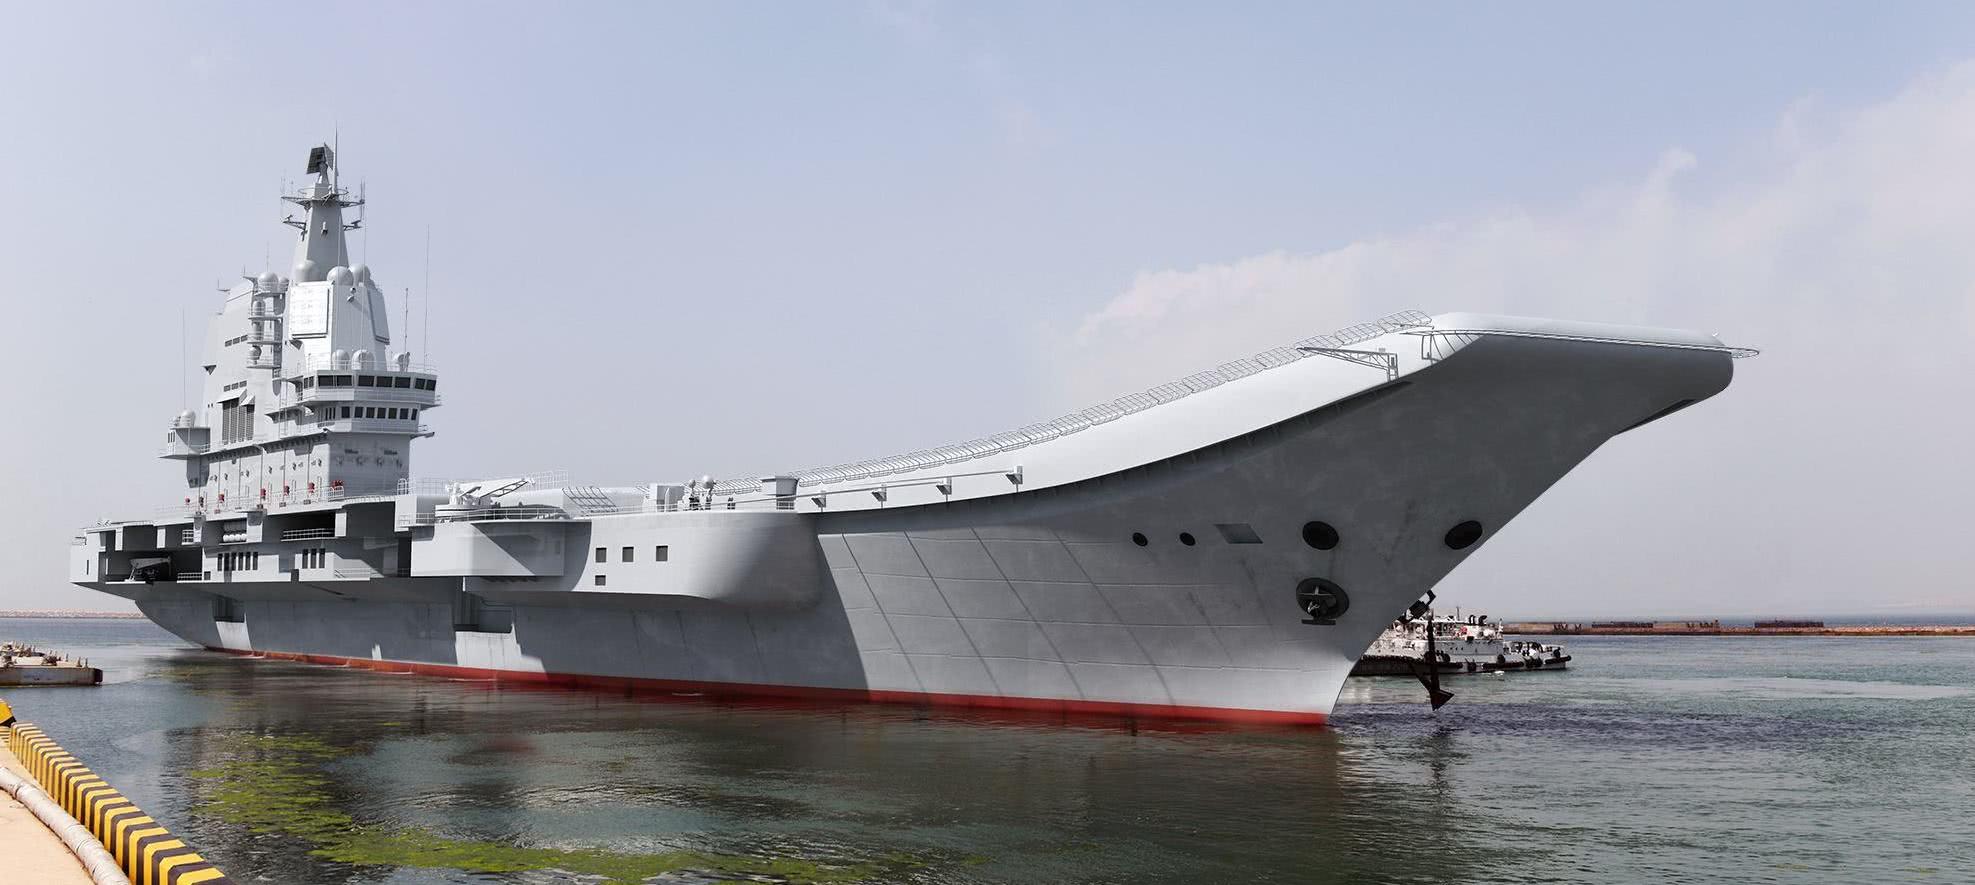 002航母传出喜讯,专家透露载机量提升50%,性能远超辽宁号